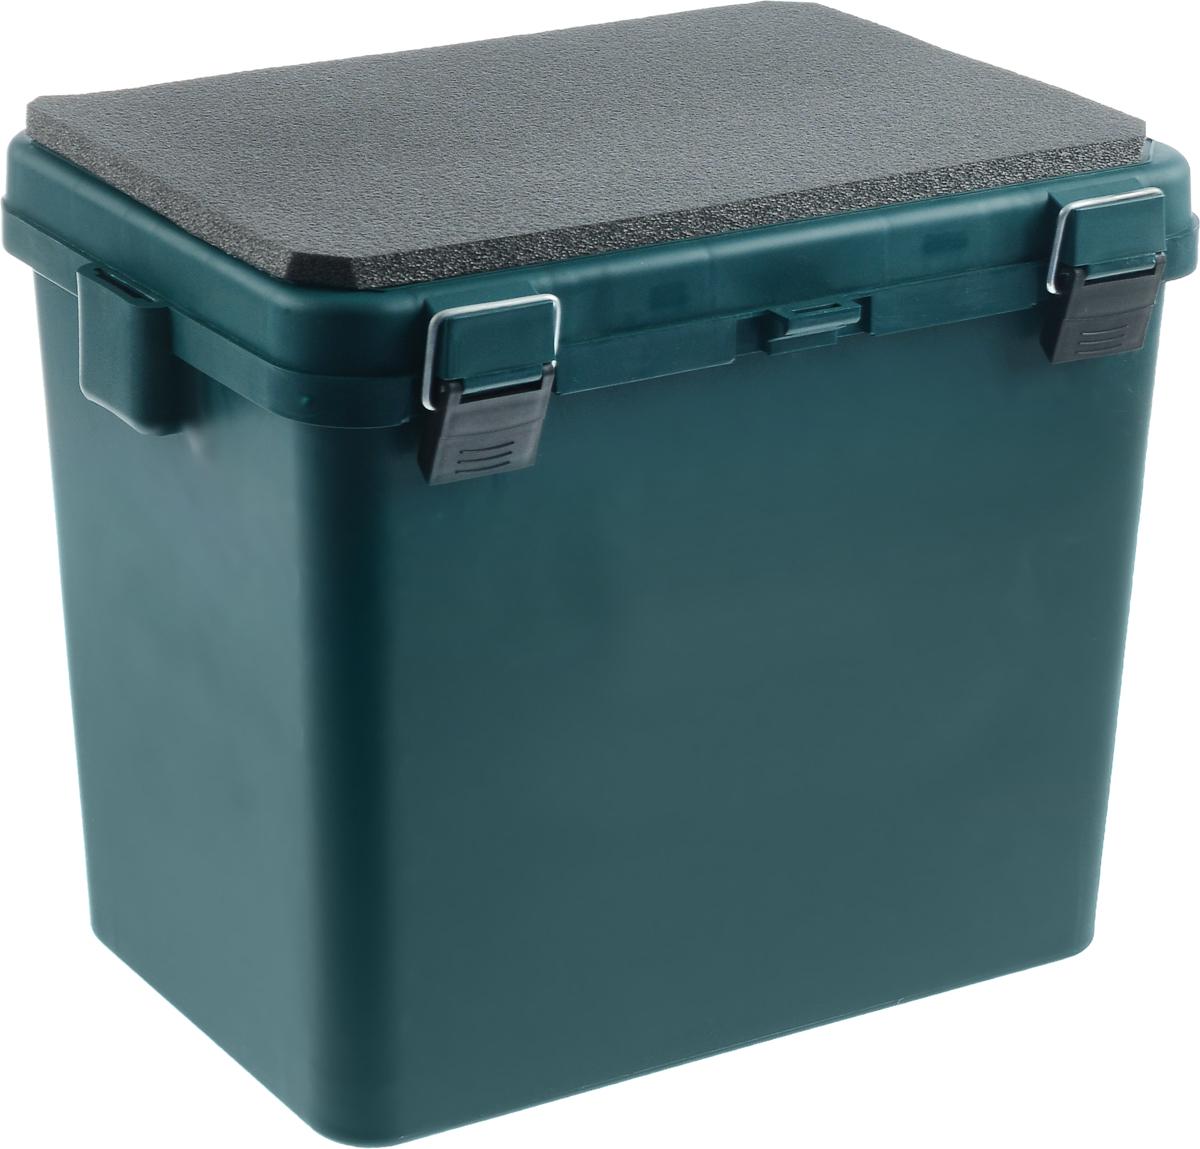 """Ящик зимний """"Helios"""", односекционный, цвет: зеленый, серый, 19 л, ТОНАР"""